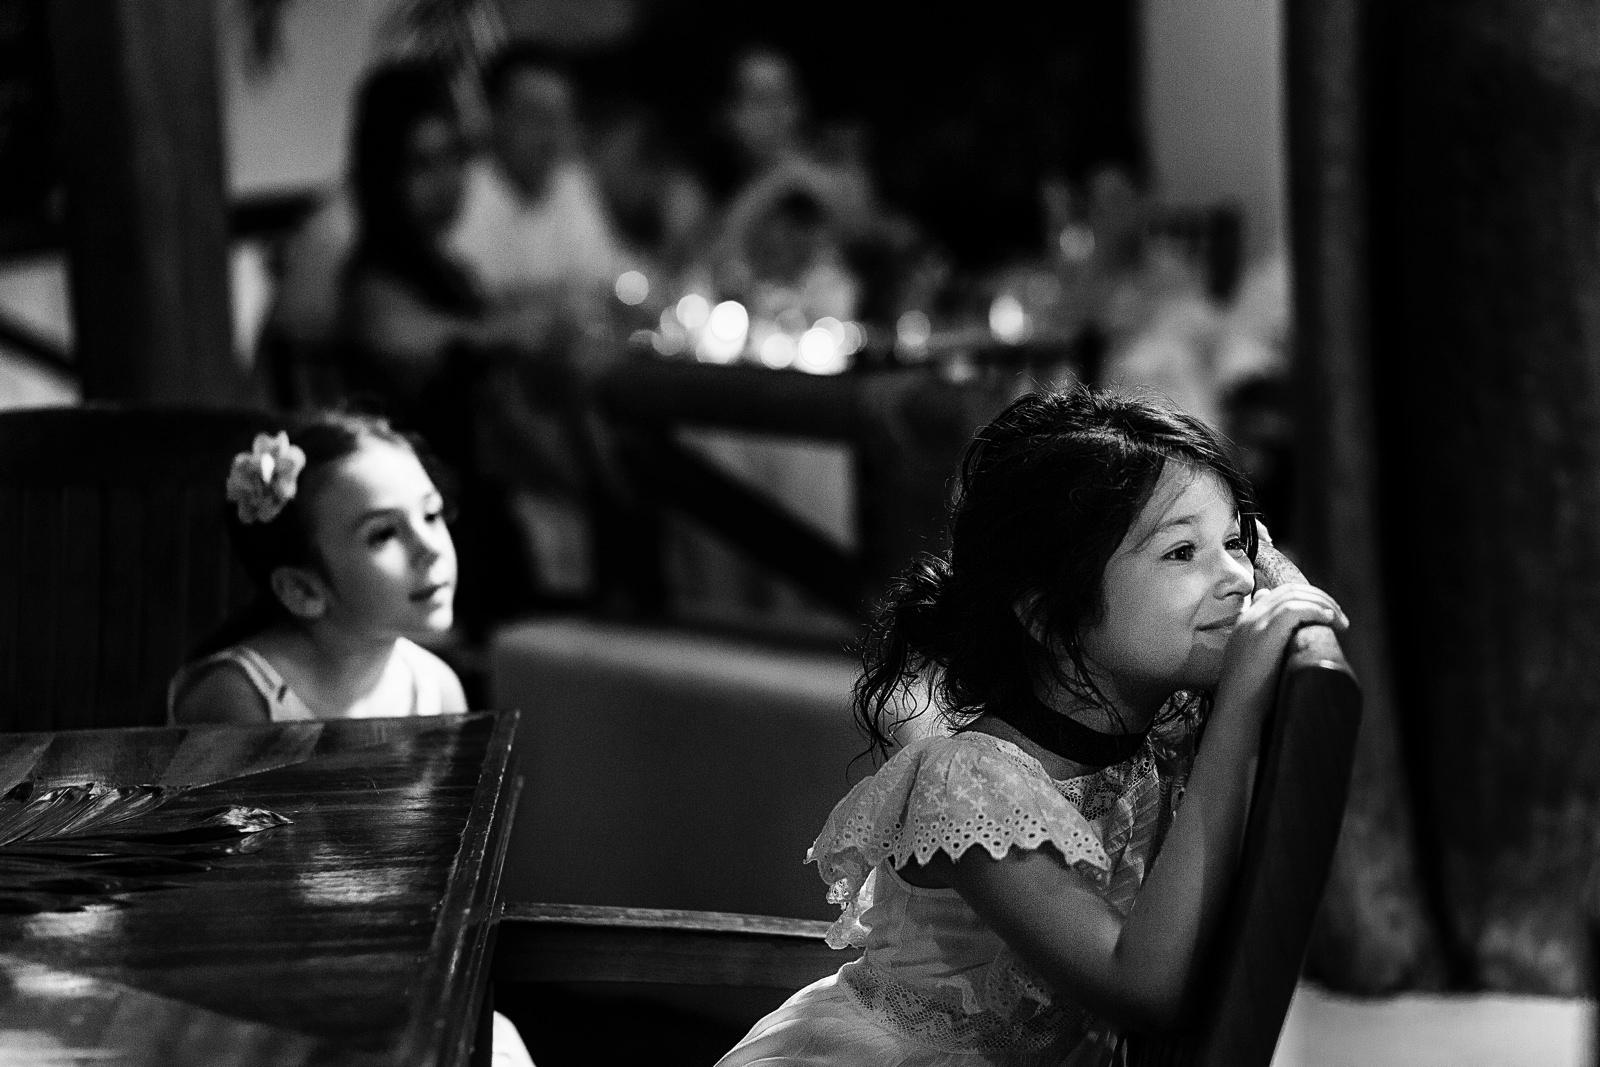 girls-listen-speeches